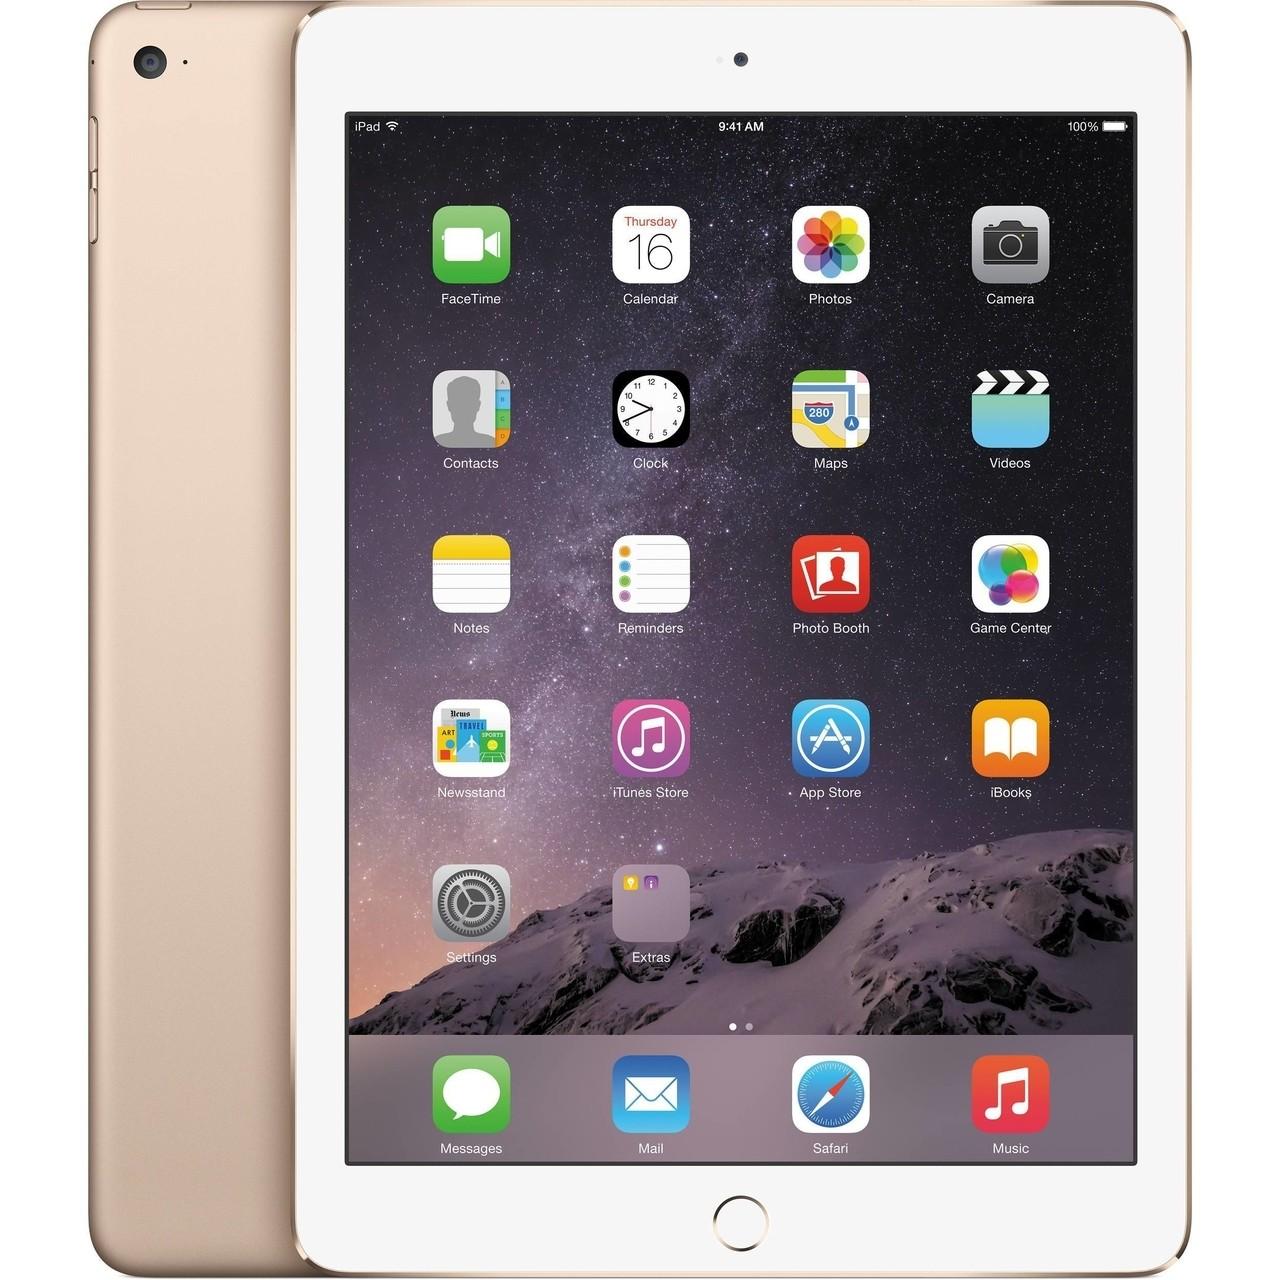 Apple iPad Air 2 - 64GB - Gold - Retina Display - (Als Nieuw) A+ Grade Tweedehands